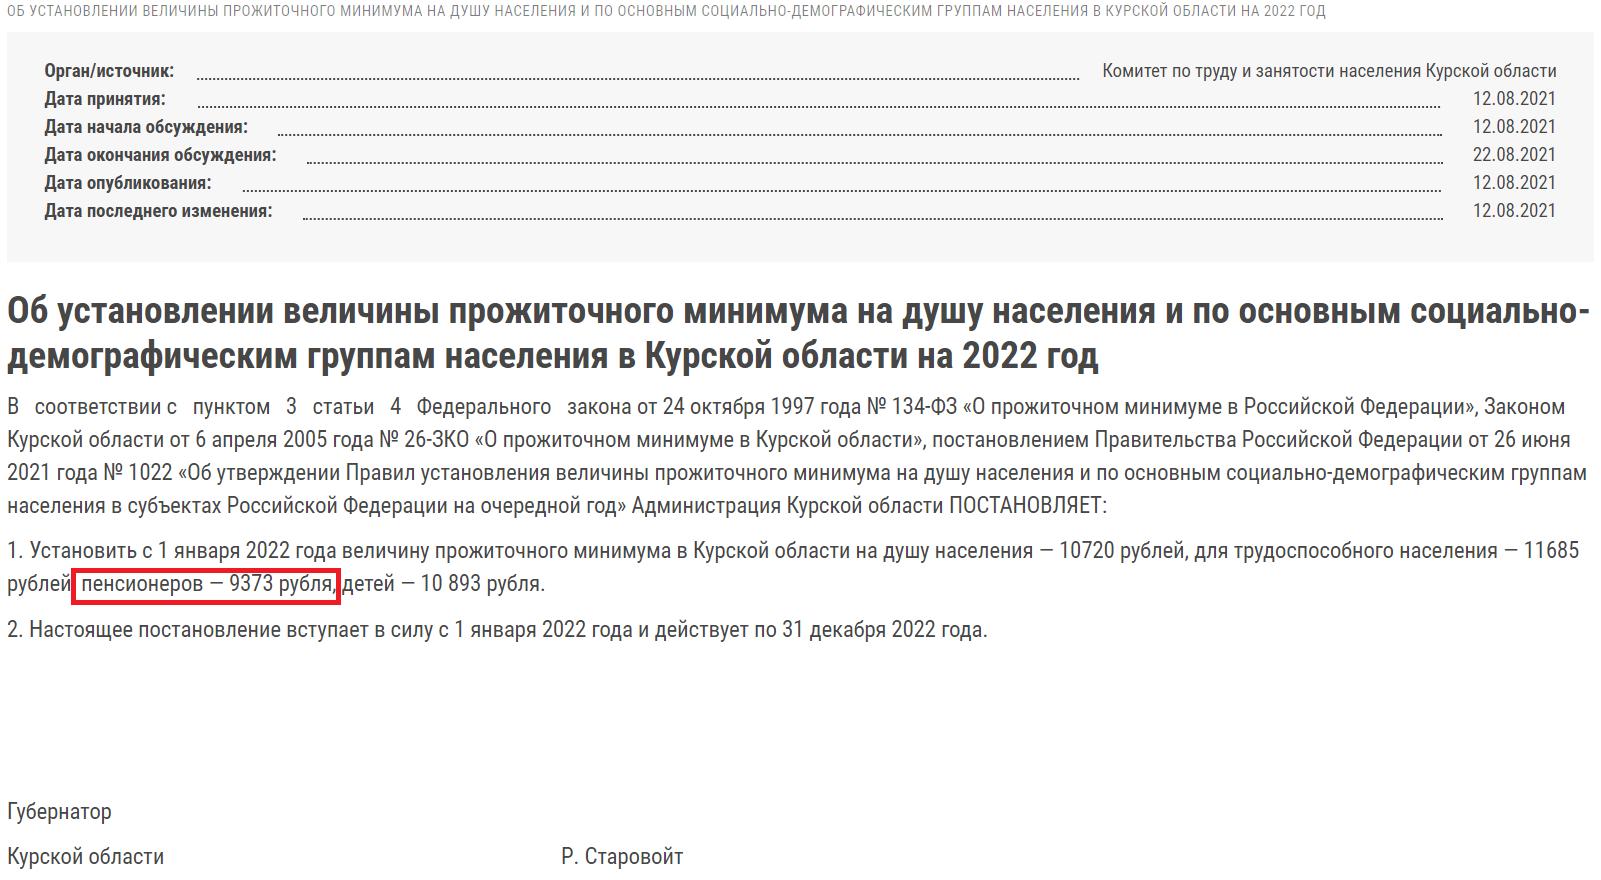 Постановление об установлении прожиточного минимума в Курске на 2022 год.